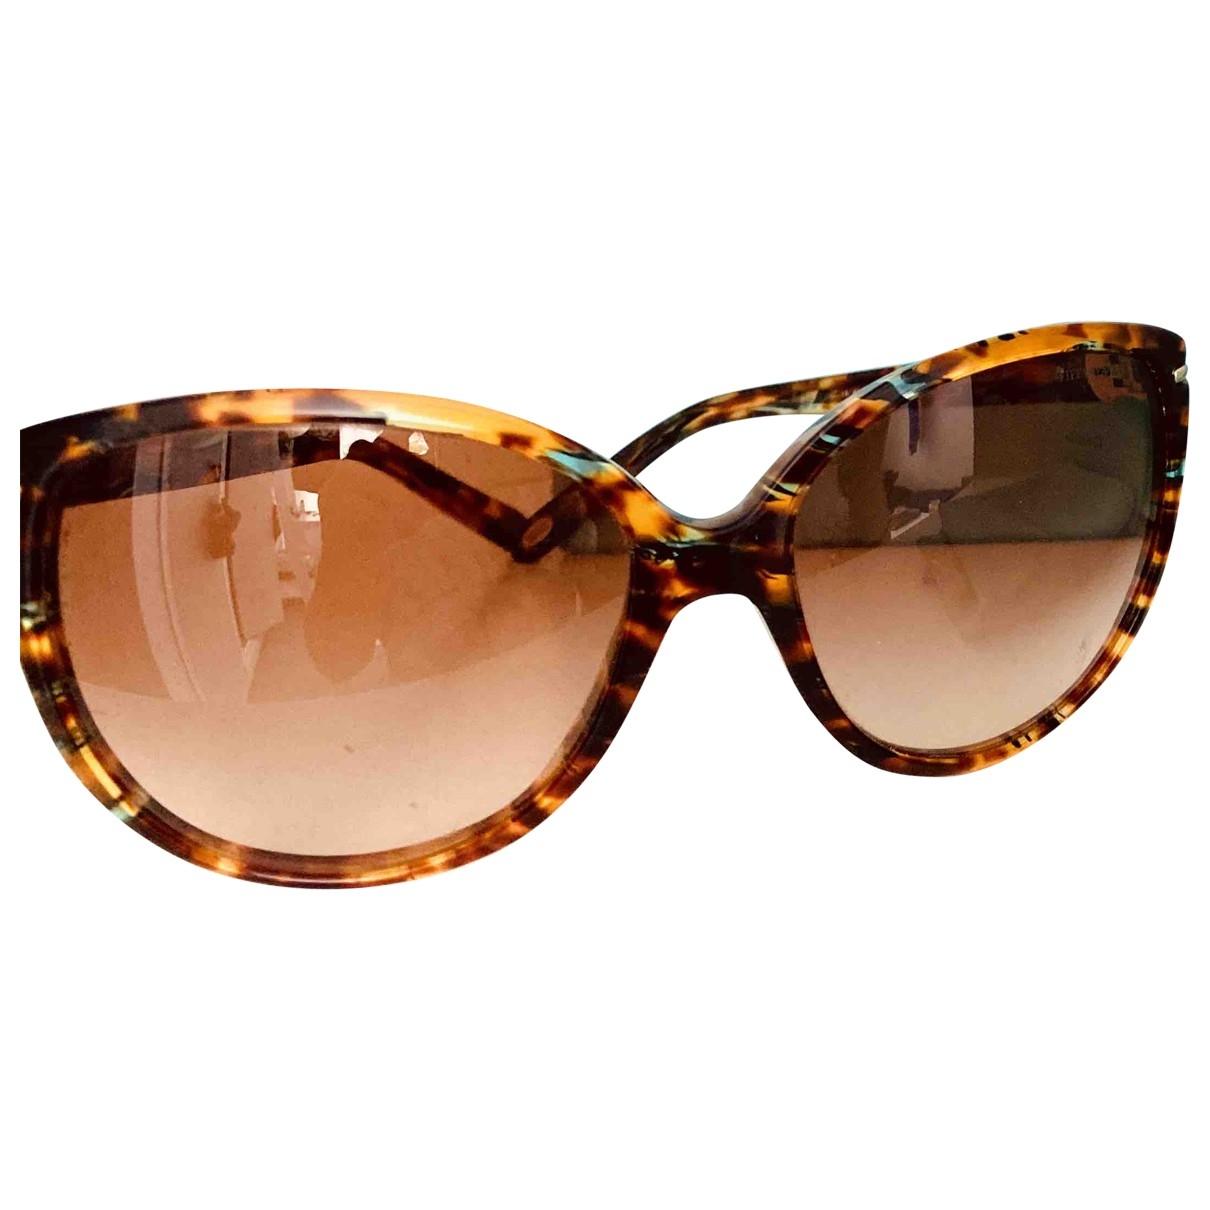 Tiffany & Co - Lunettes   pour femme - marron